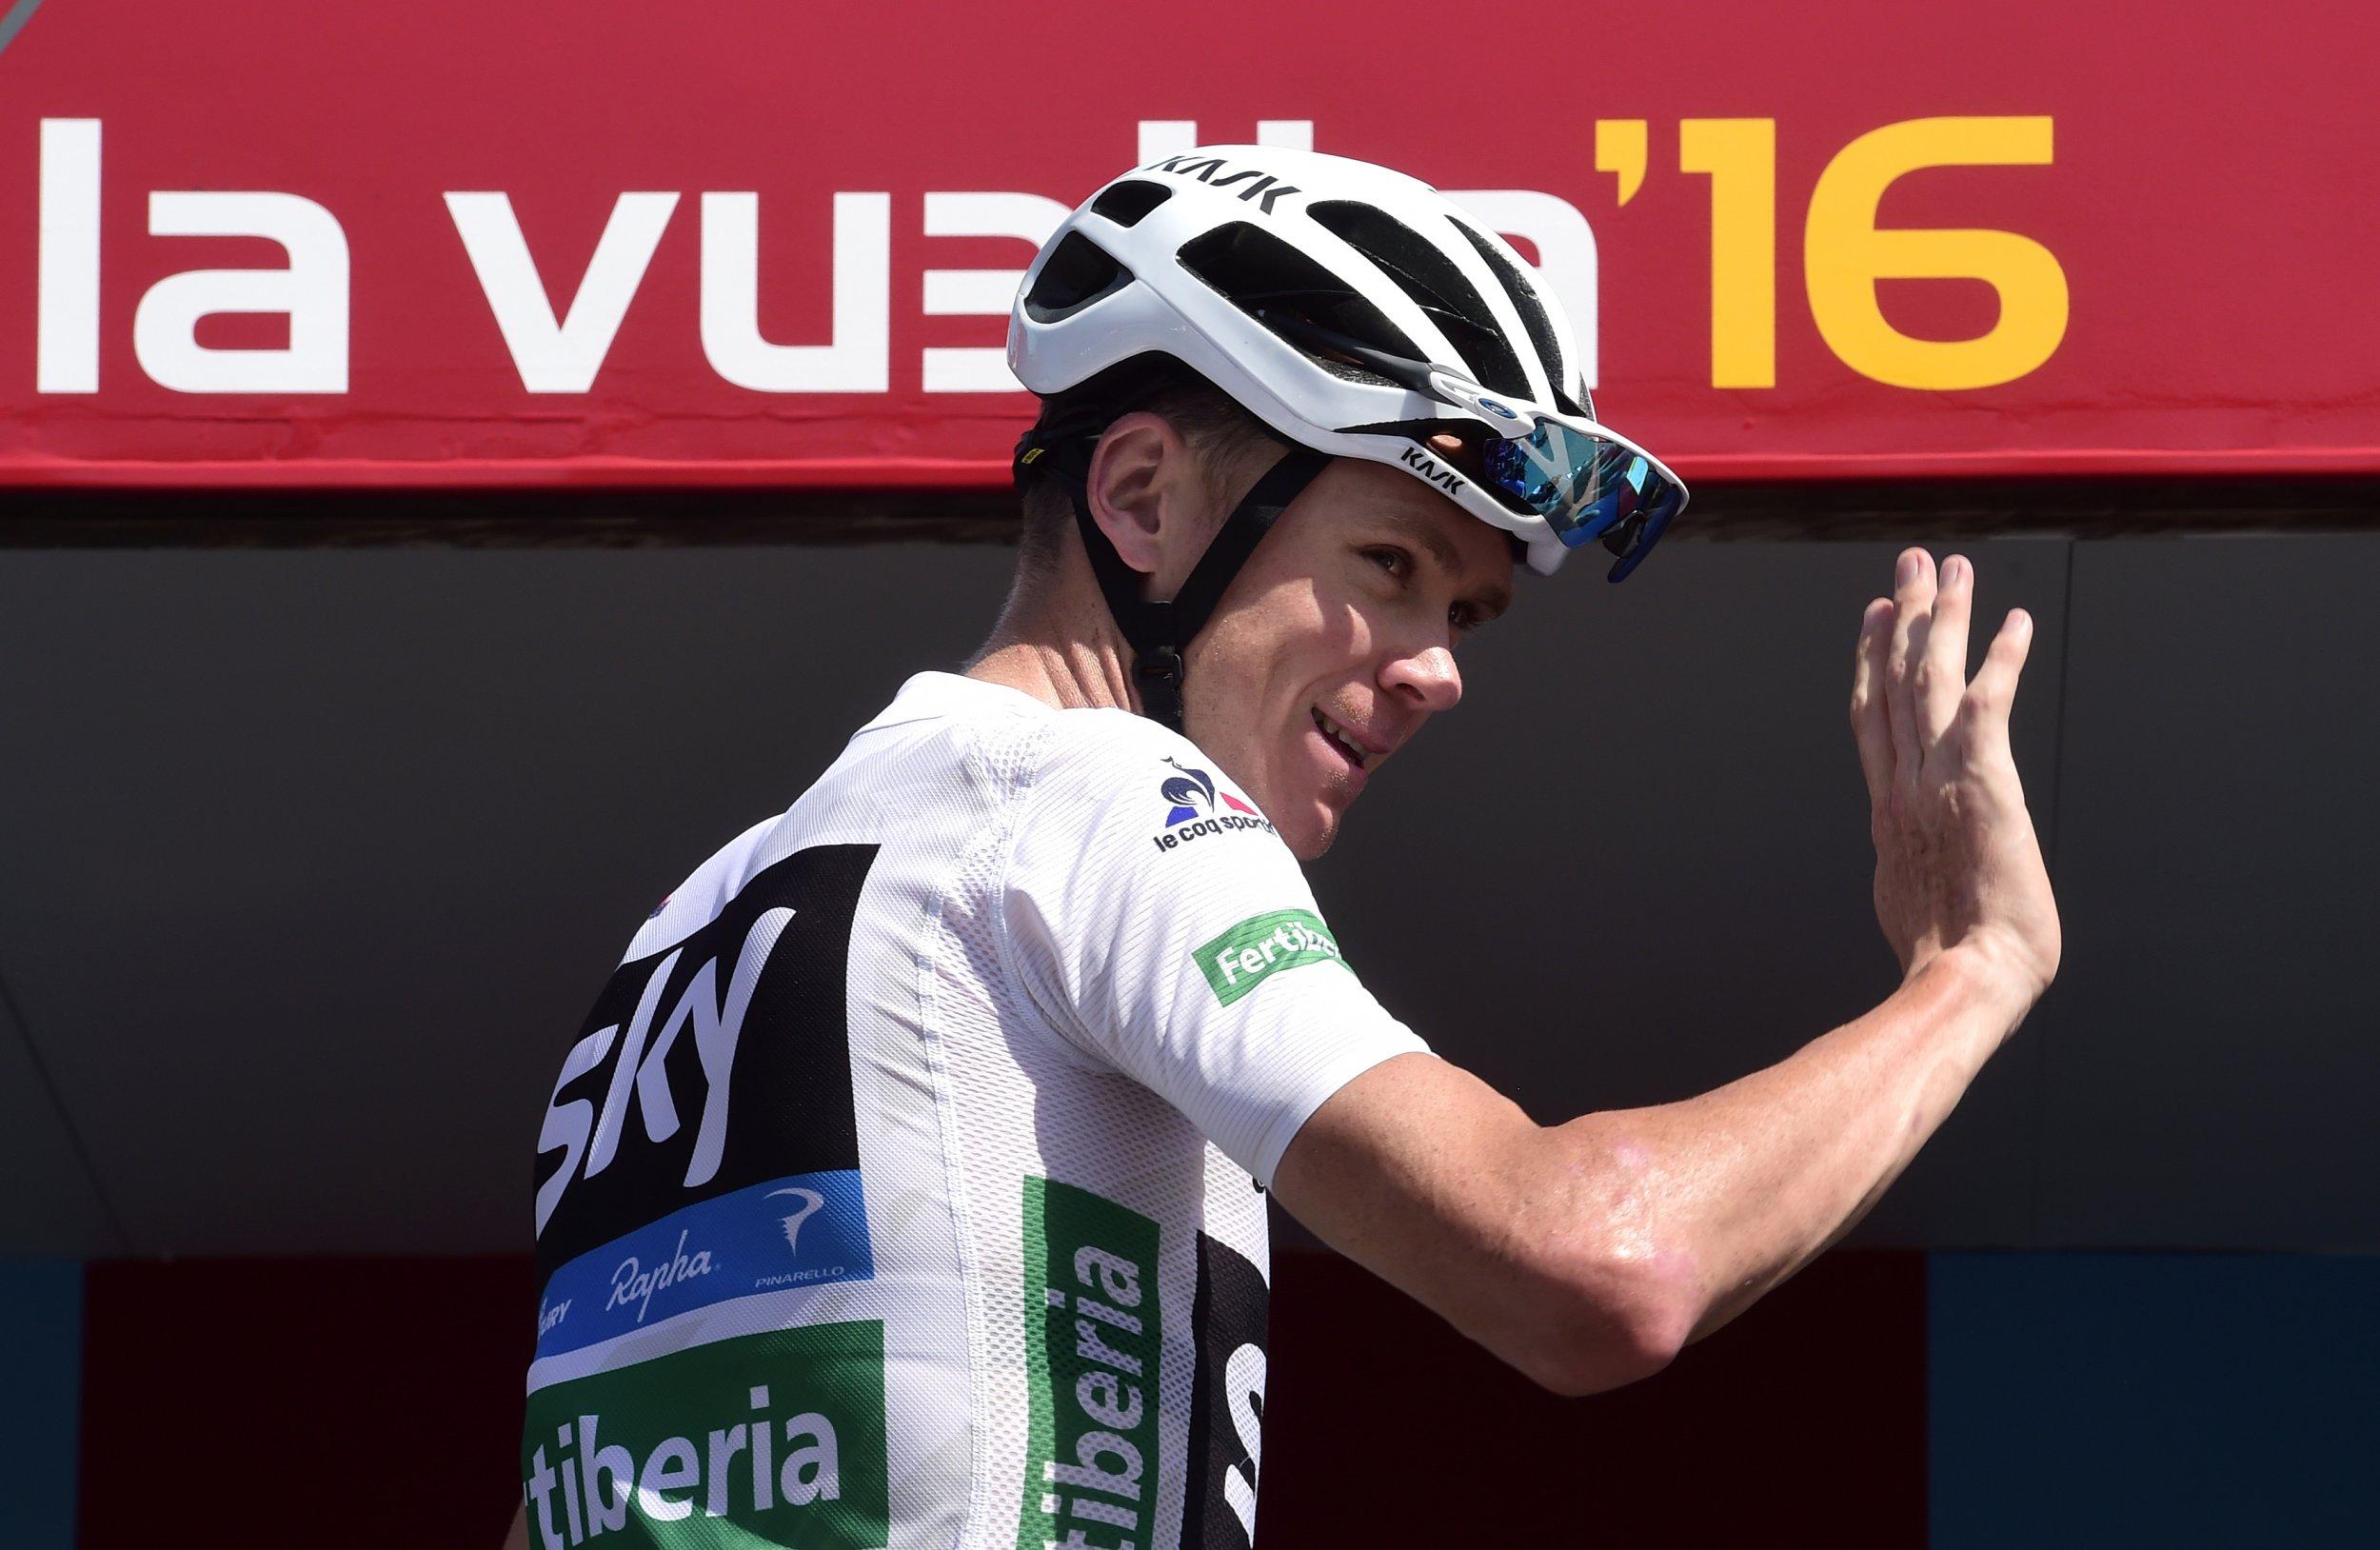 Tour de France winner Chris Froome.